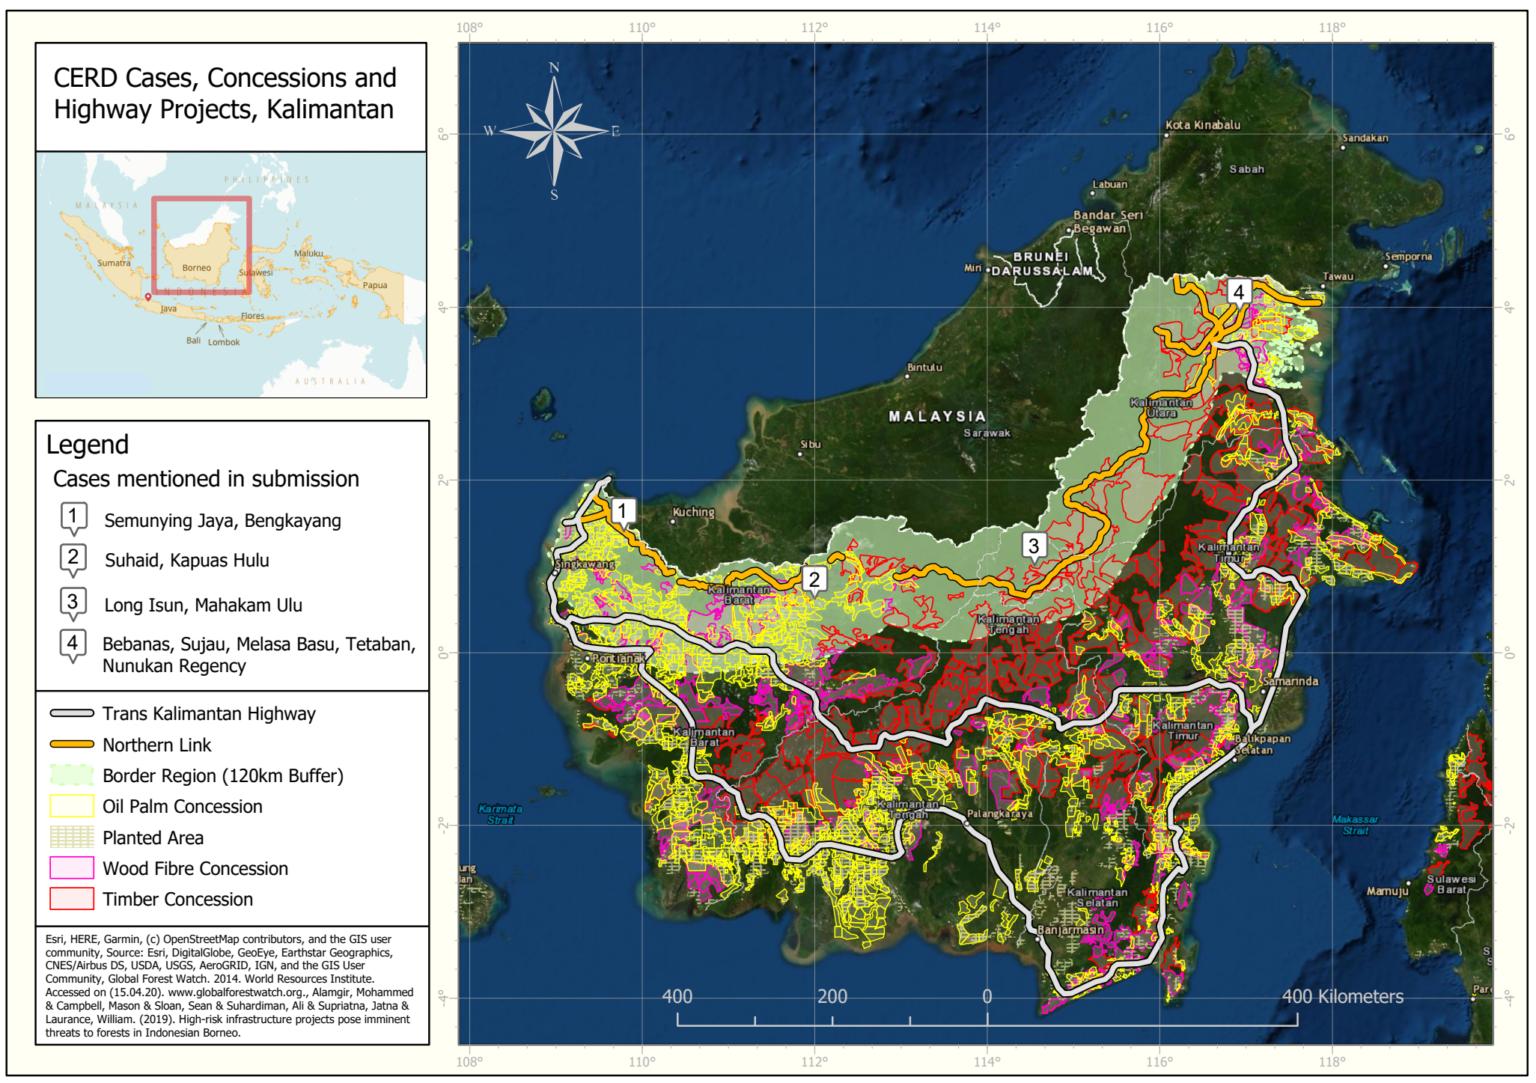 """Tautan utara (oranye) Jalan Raya Trans-Kalimantan memotong Heart of Borneo. Pembangunannya akan mempercepat pengembangan """"sabuk kelapa sawit"""" di wilayah tersebut, kata para ahli. Gambar milik Forest Peoples Programme."""